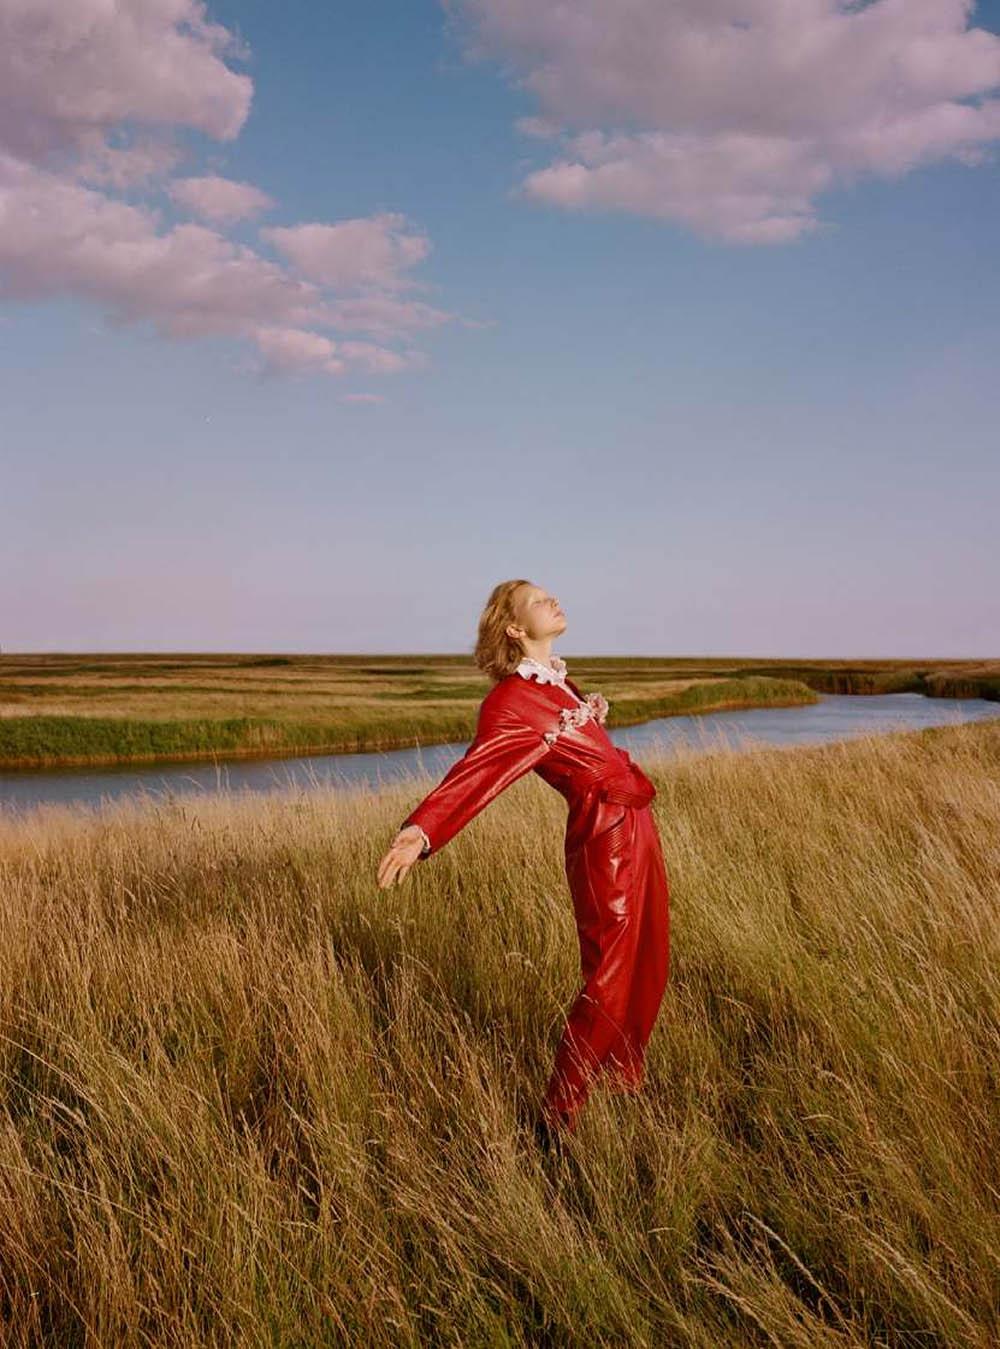 Demy de Vries by Agata Pospieszynska for Harper's Bazaar UK October 2020